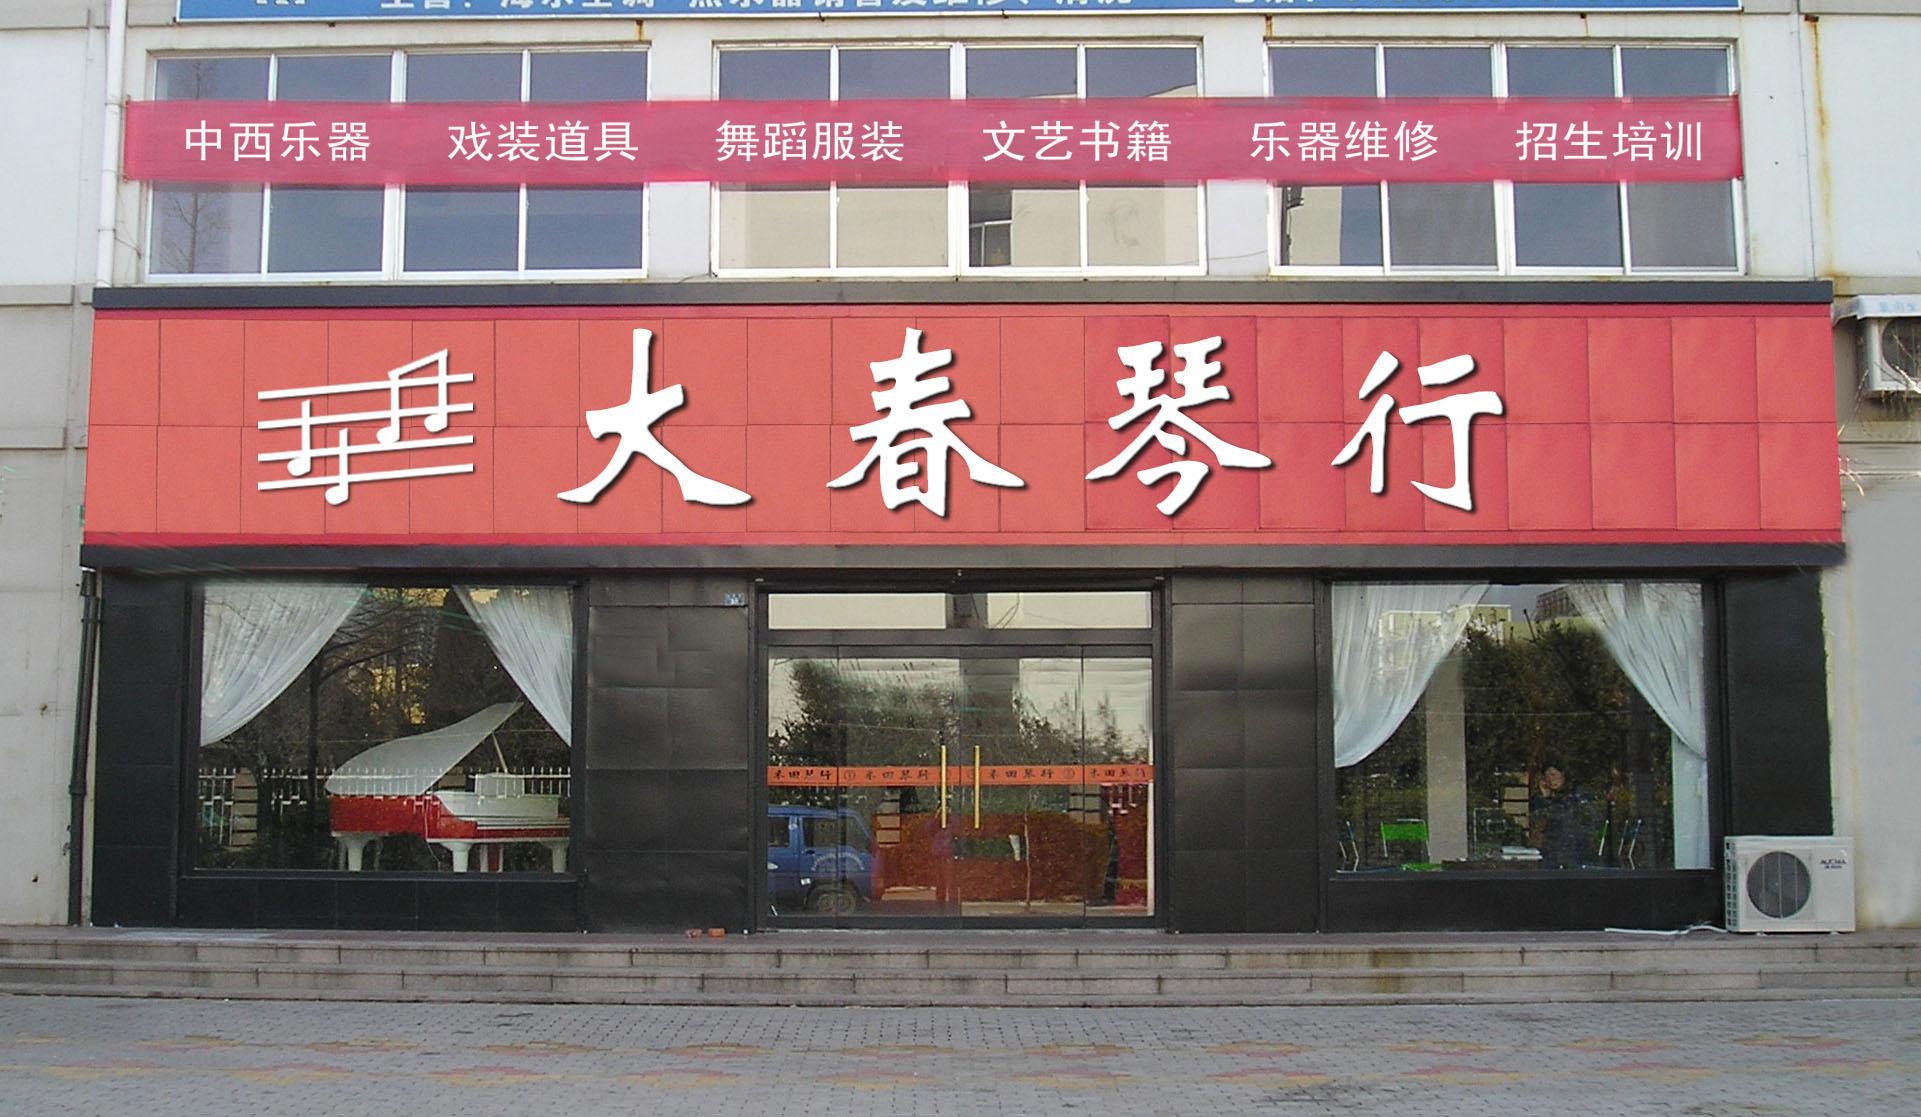 大春琴行 中西乐器 表演服装 戏装道具,电话:13131069164 5669026